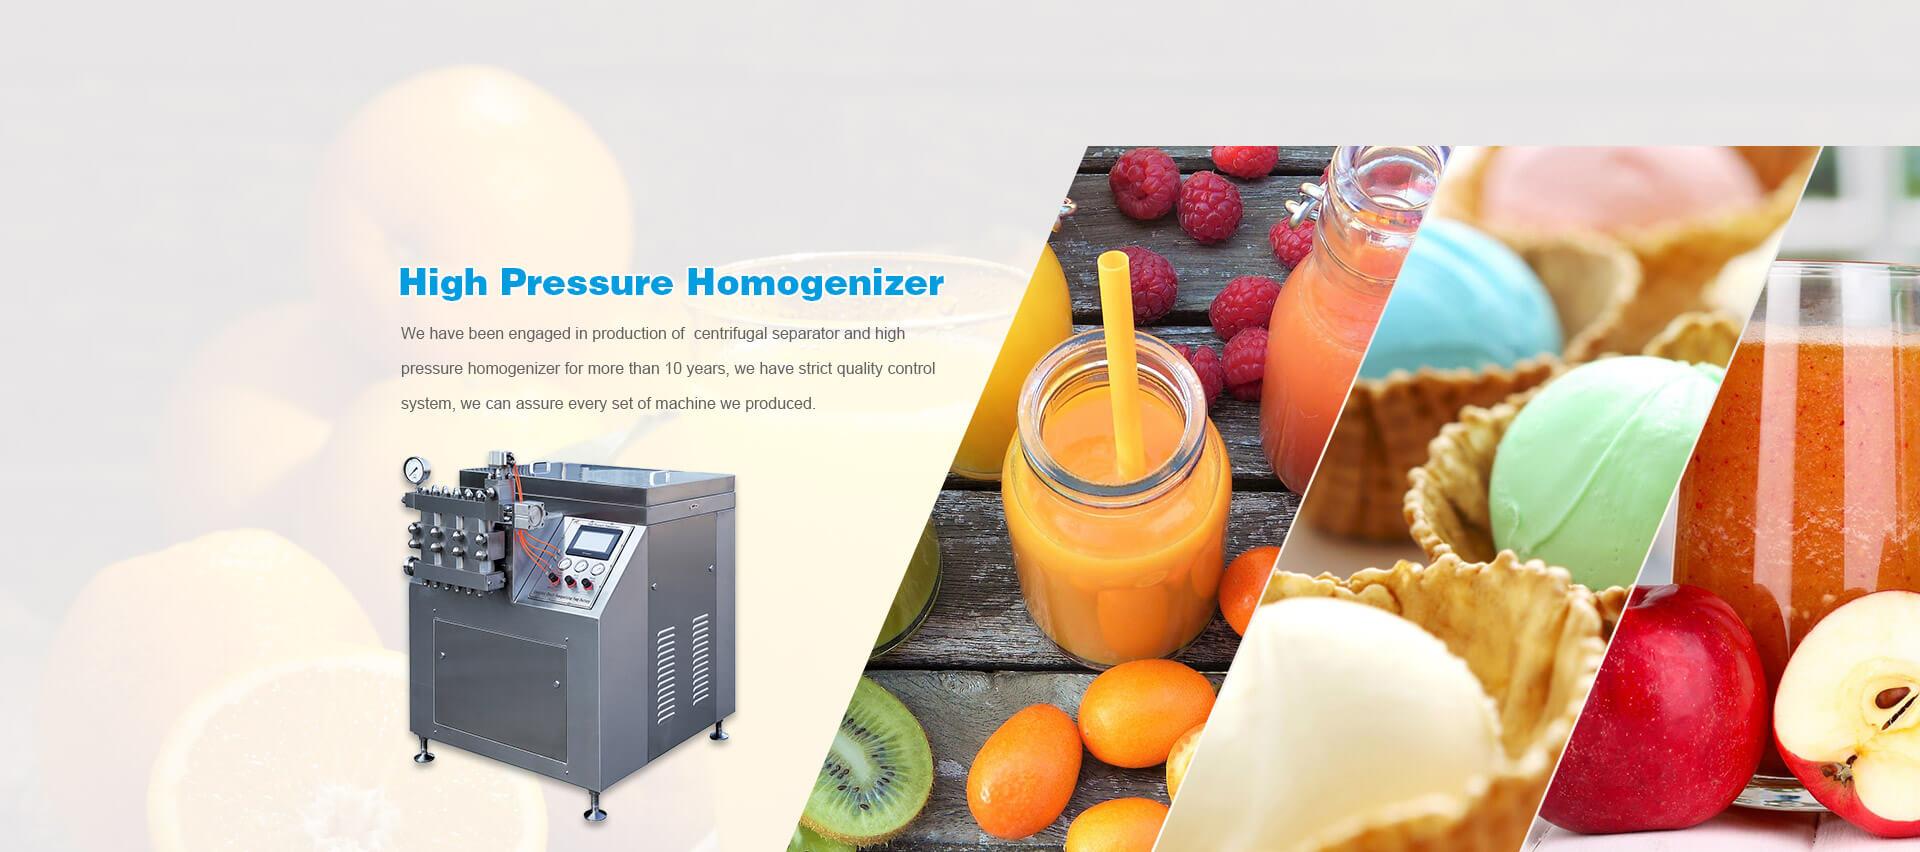 High Pressure Homogenizer